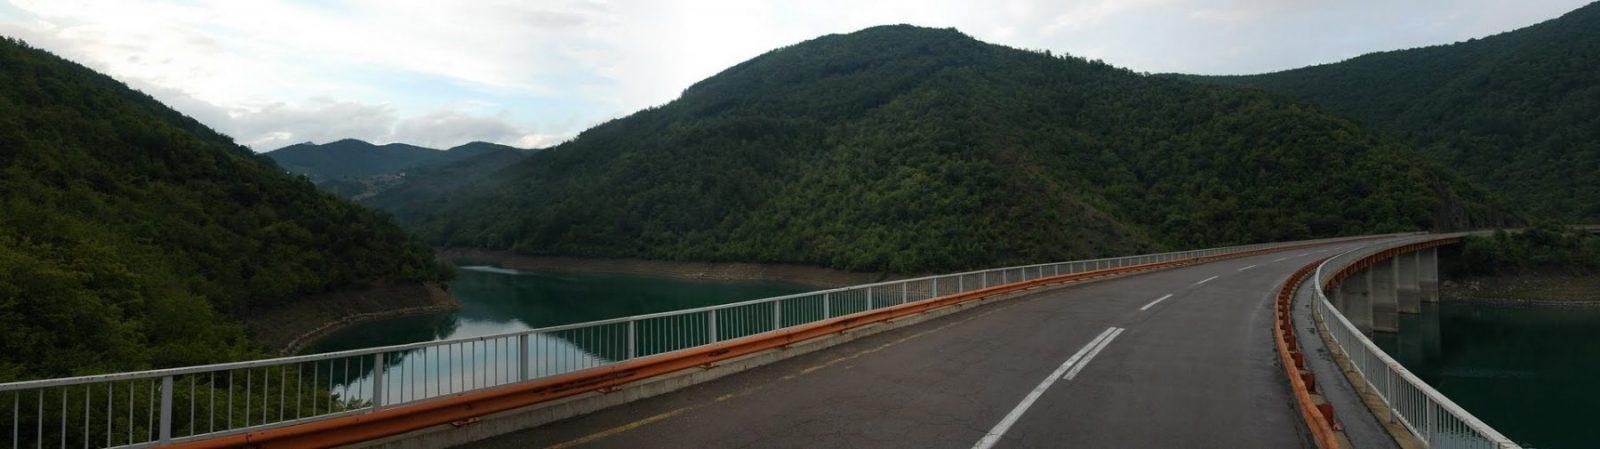 Моторевю Газиводе Ибърска магистрала